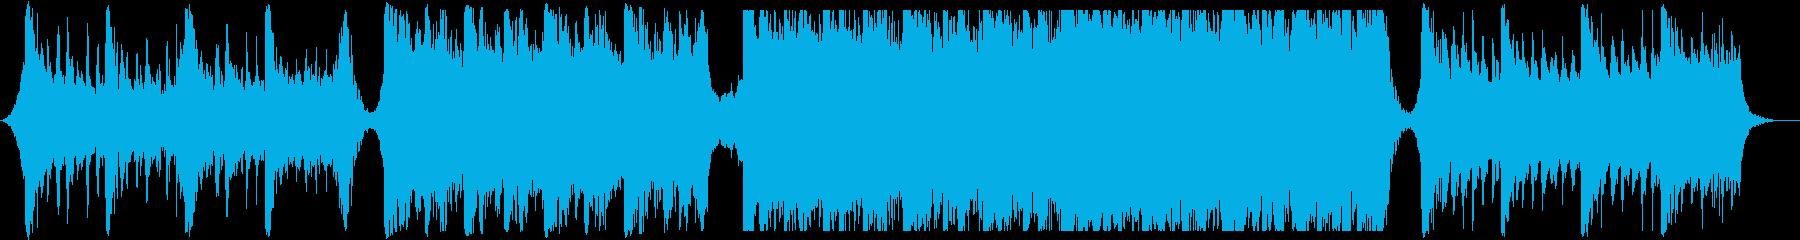 迫力あるトレイラー向けオーケストラの再生済みの波形